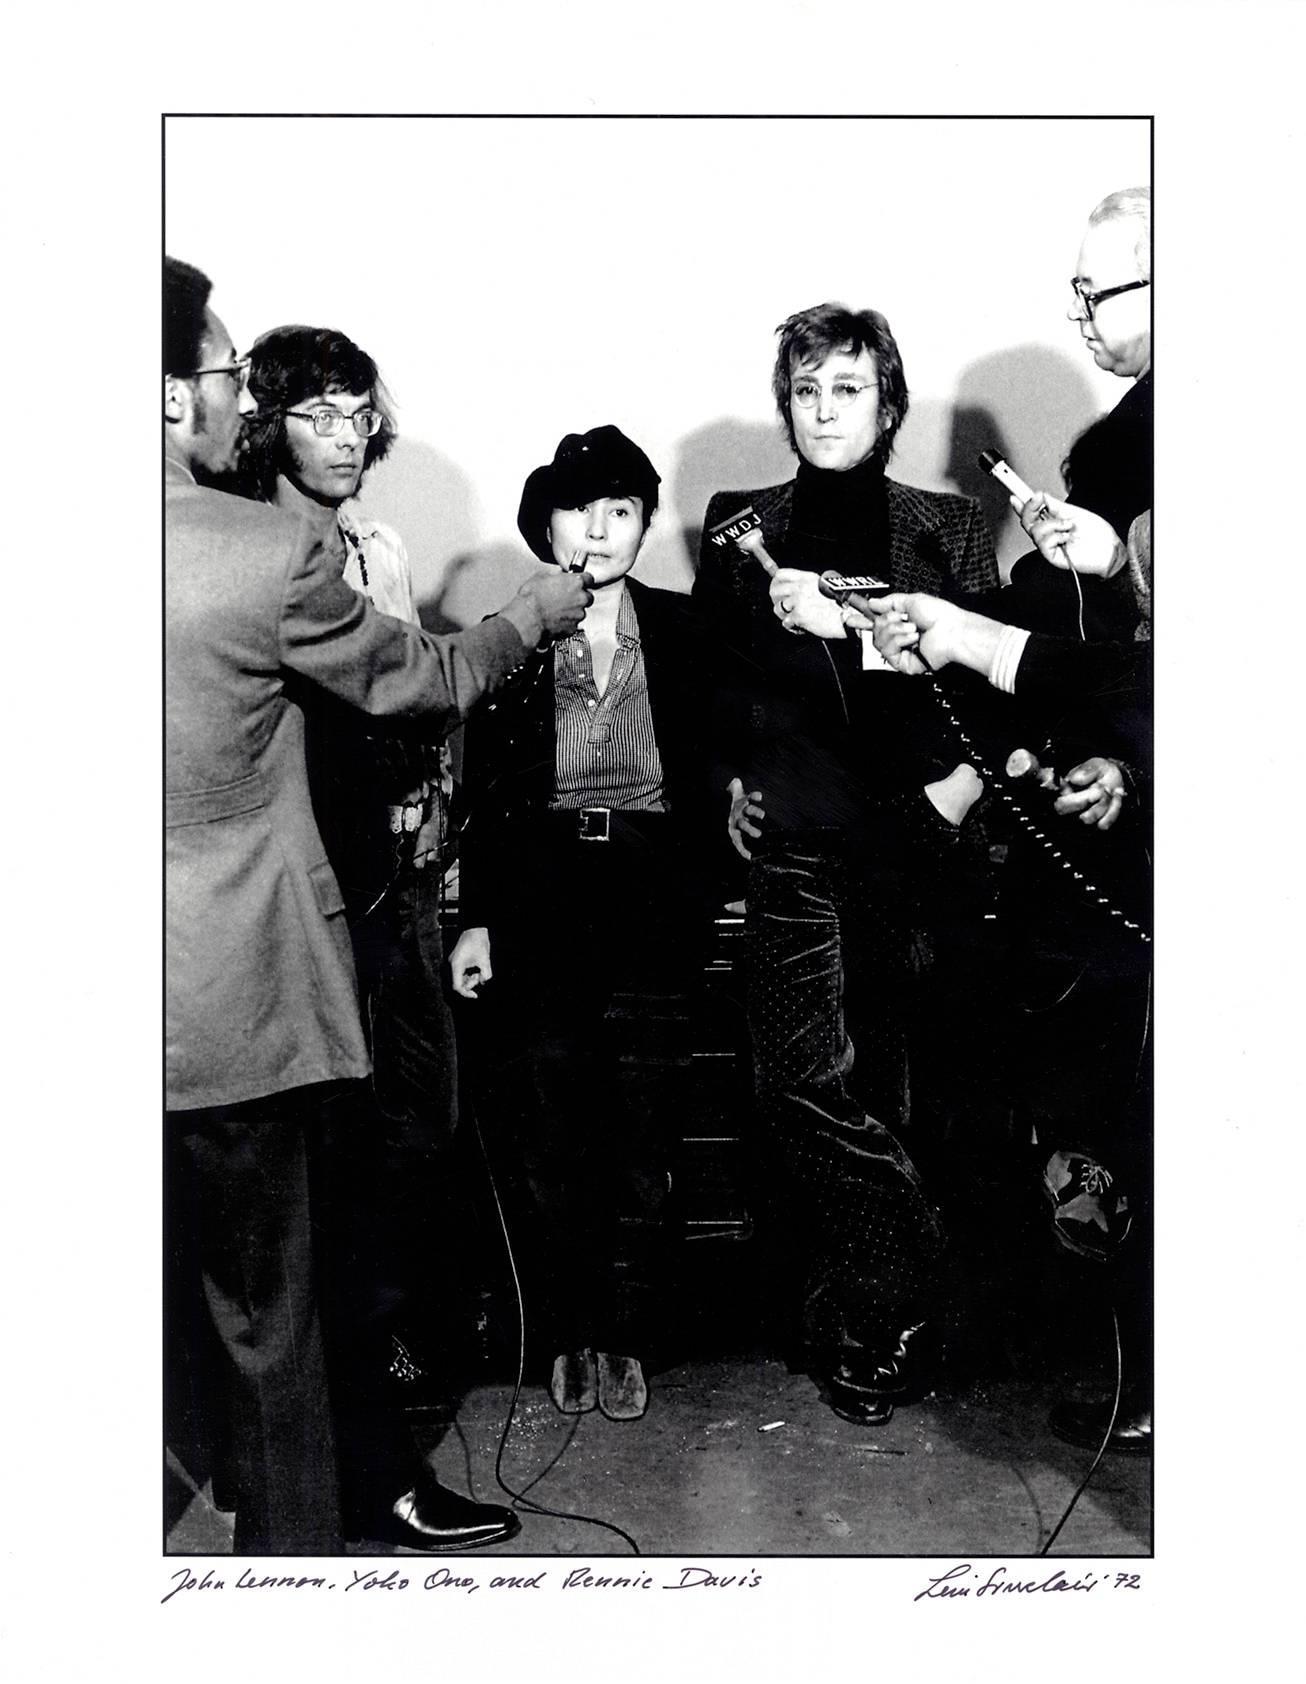 John Lennon photograph Detroit, 1970s (John & Yoko)